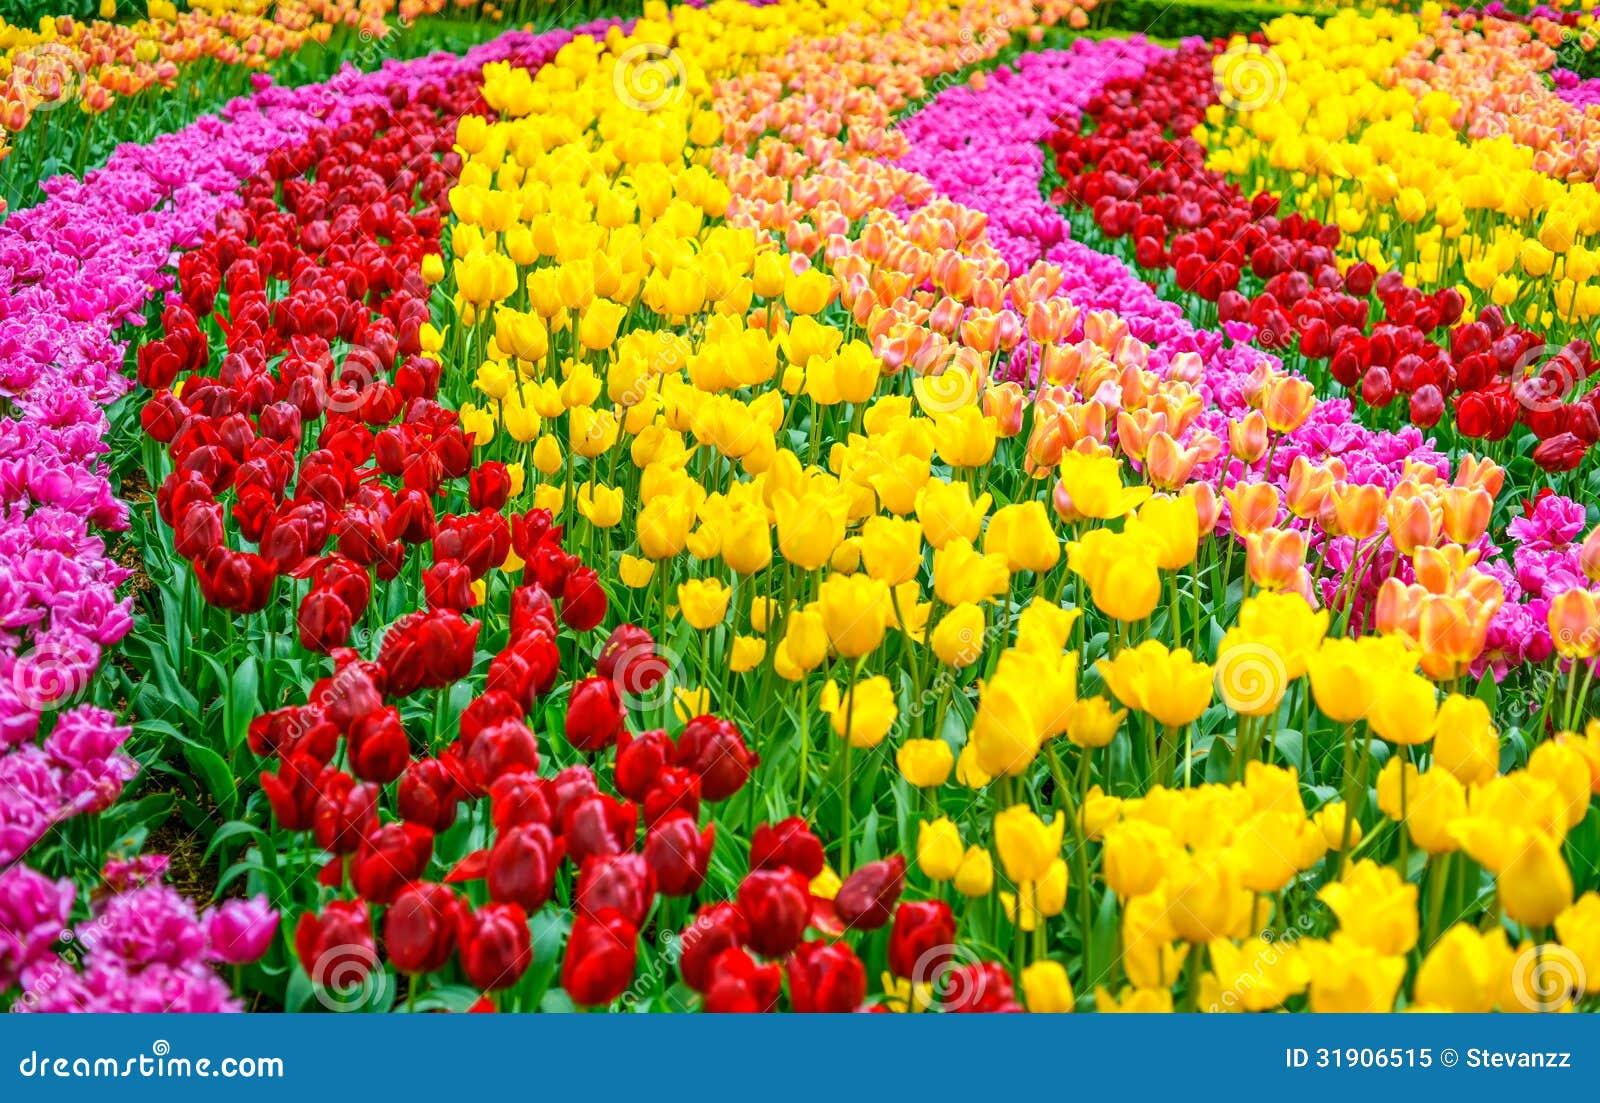 Tulipanowy kwiatu ogród w wiosna wzorze lub tle